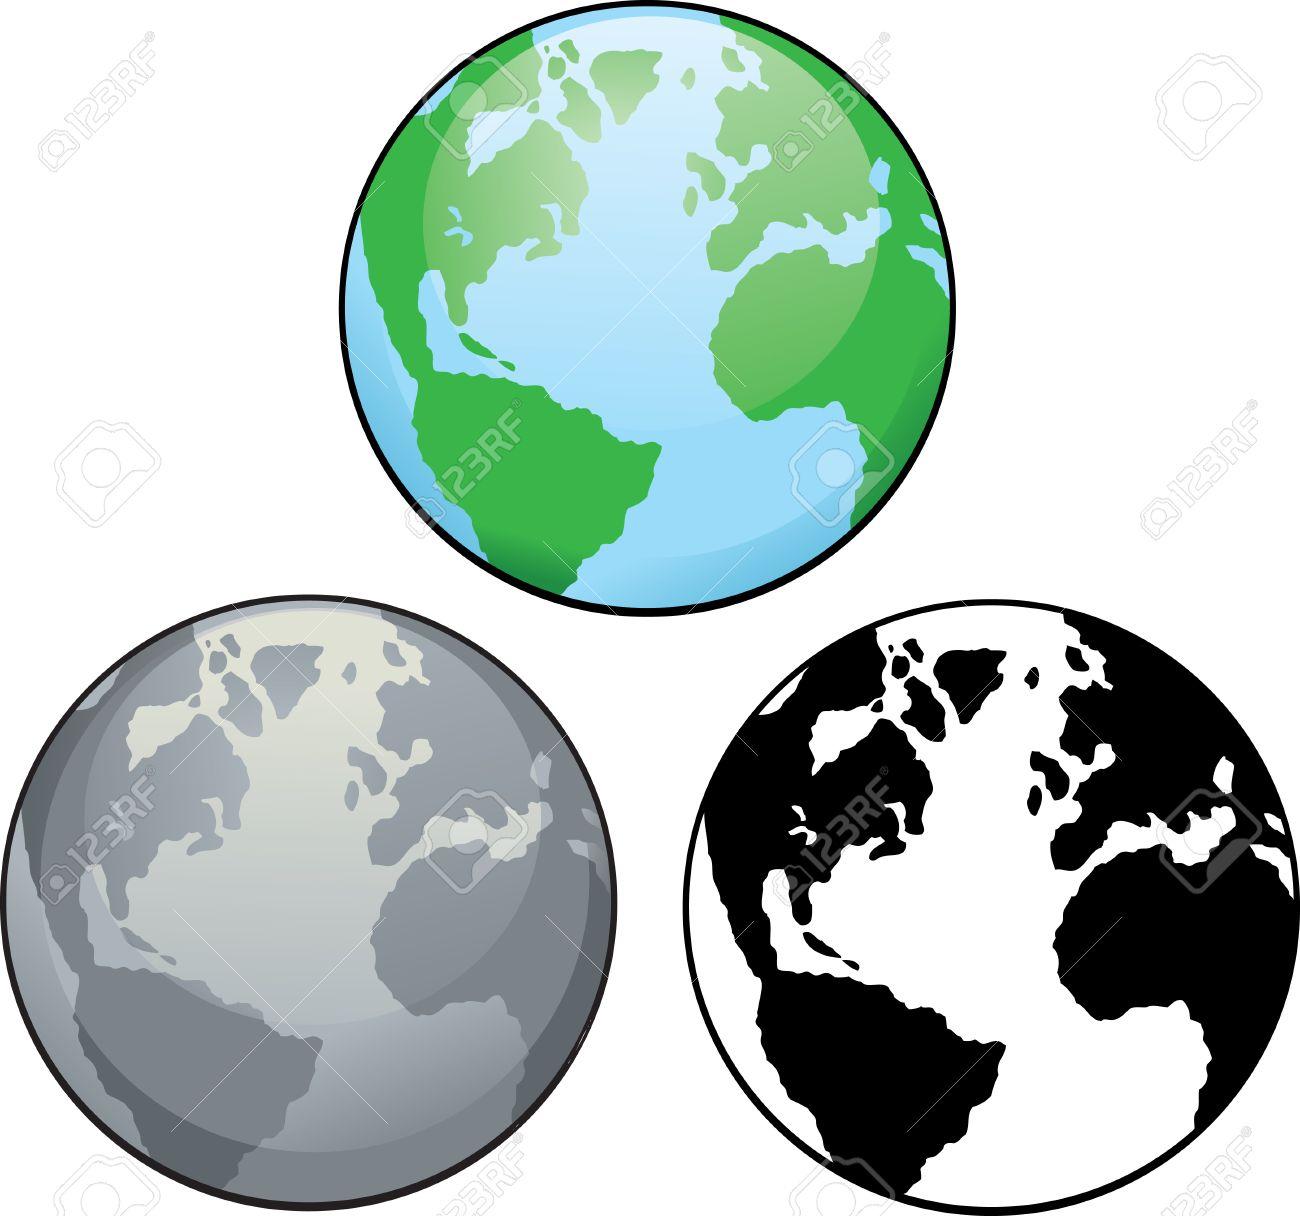 Différents Dessins De La Planète Terre, De La Couleur En Noir Et Blanc. avec Image De La Terre Dessin